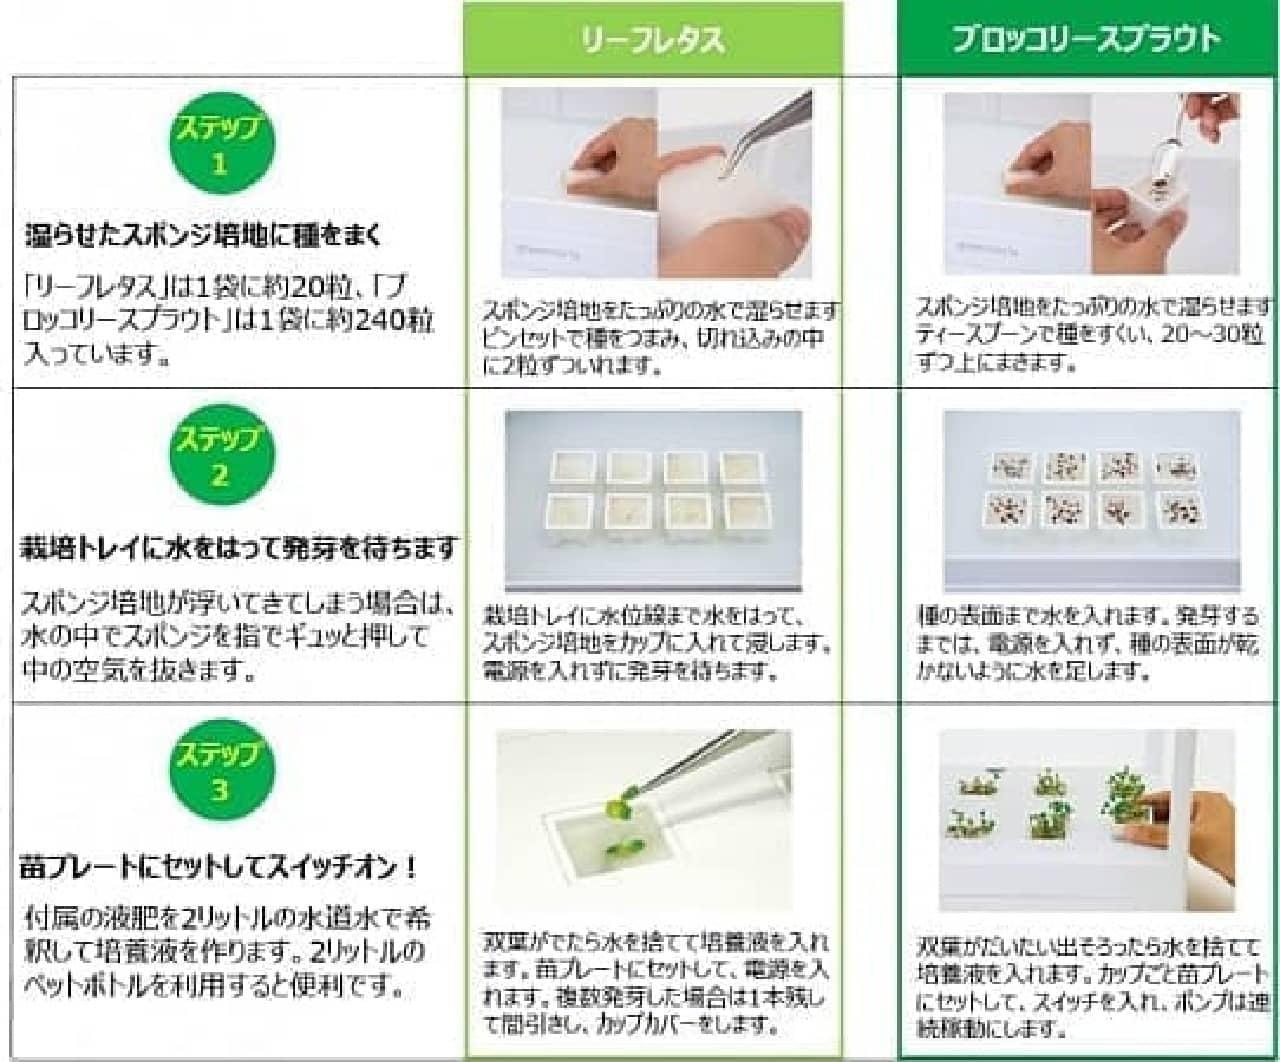 デアゴスティーニ「LEDプランター グリンテリア 水耕栽培用」